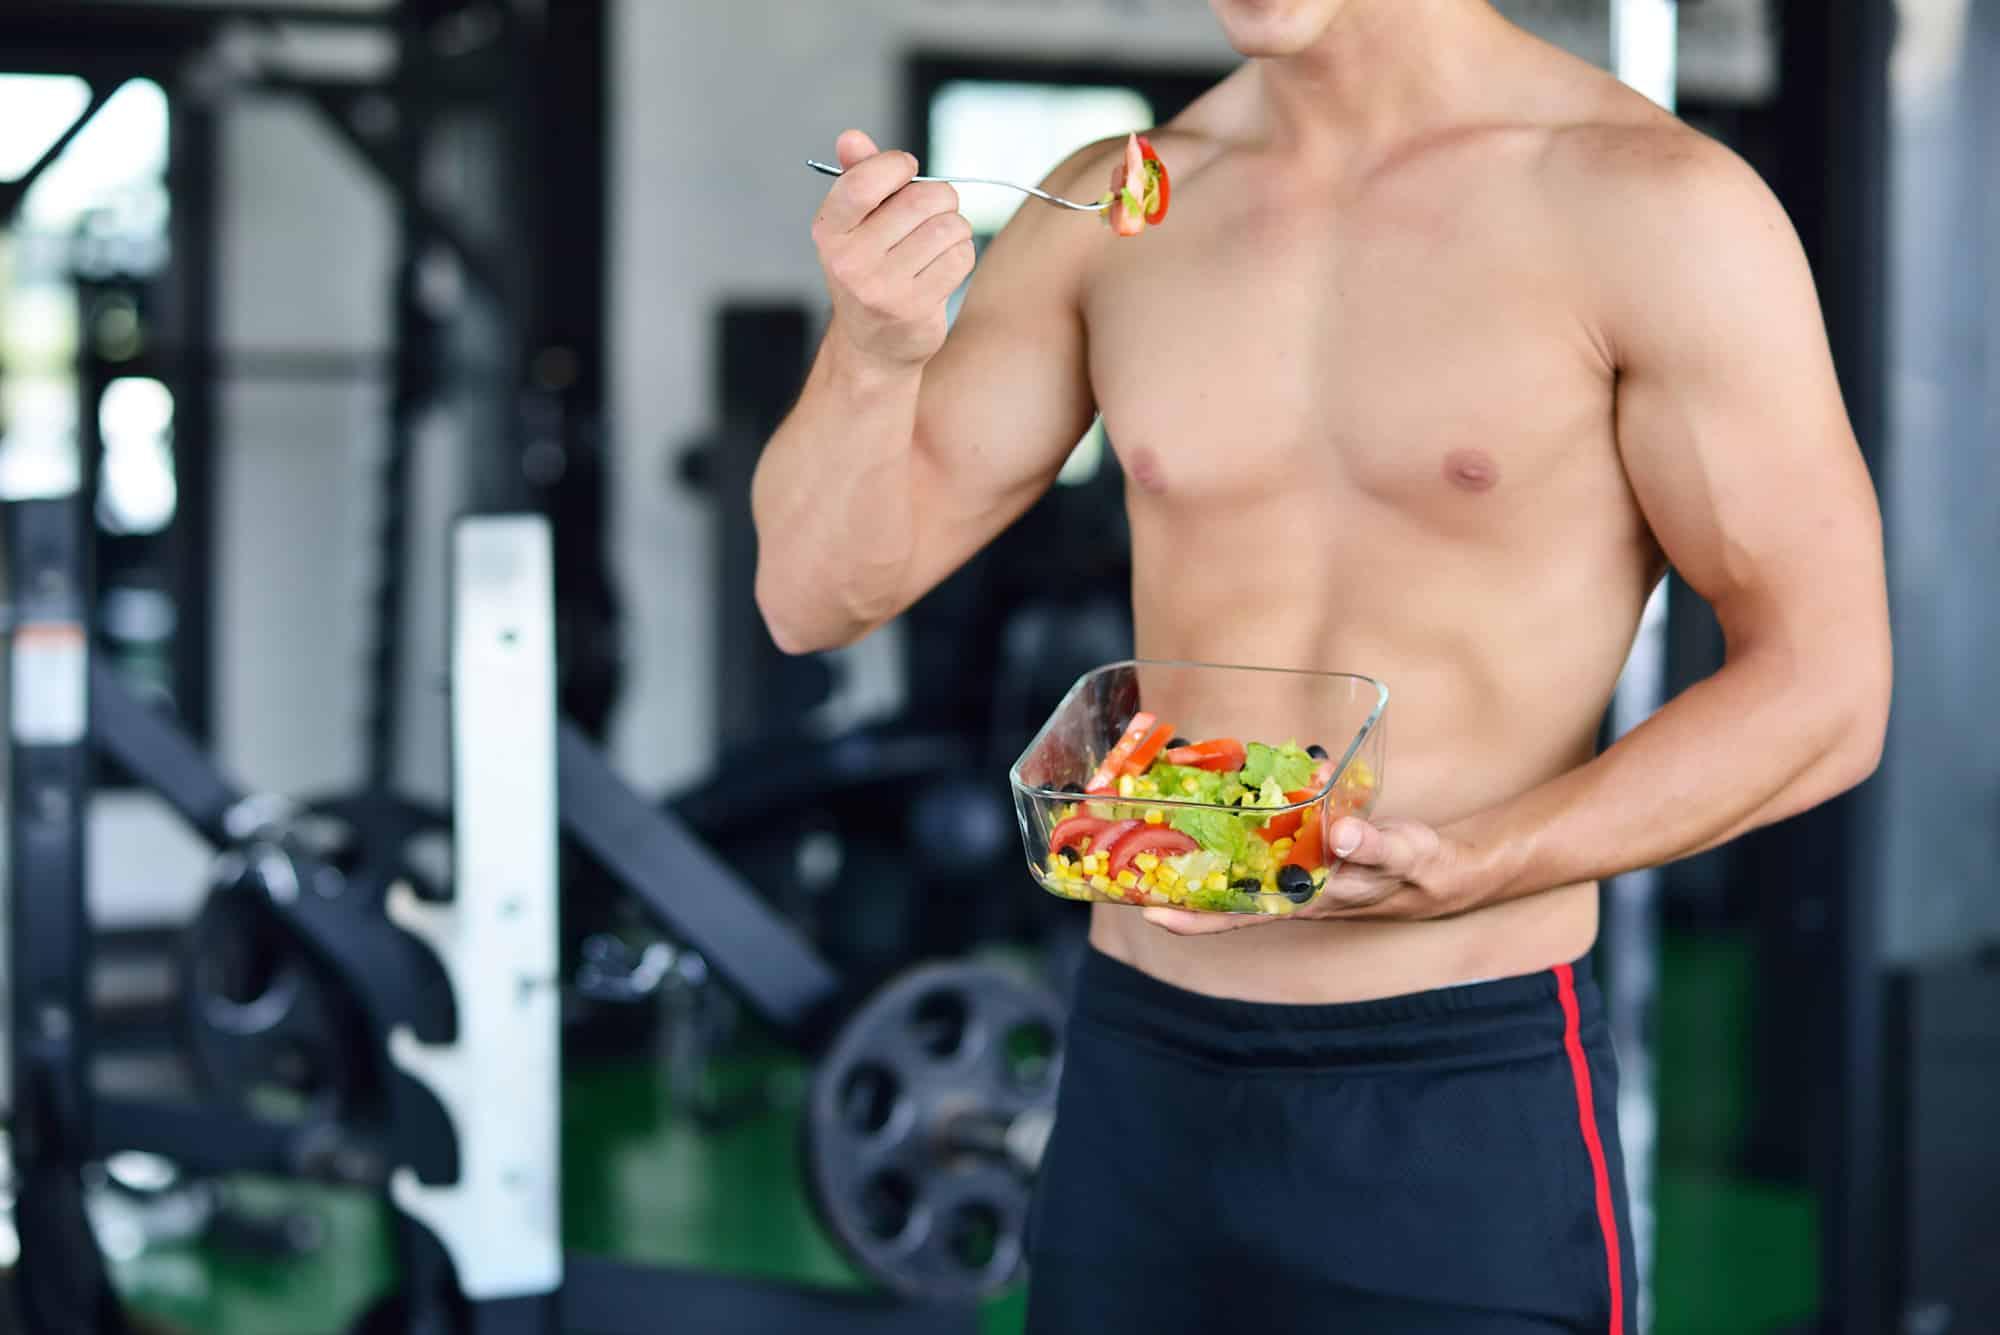 Eating Salad at Gym